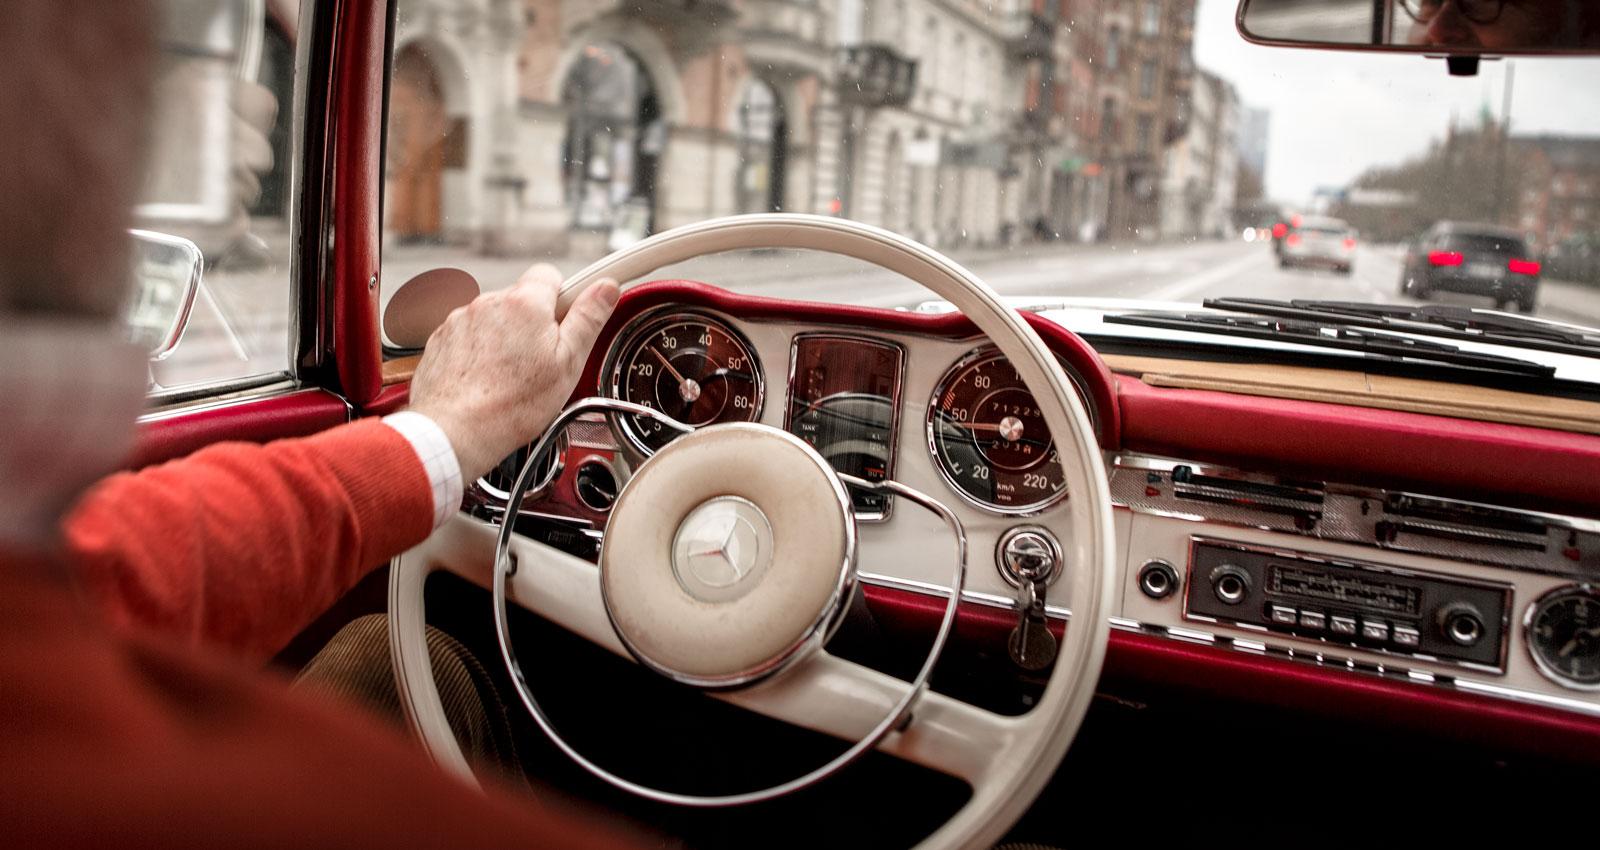 Vi flög tillsammans till Hamburg, tog en taxi från flygfältet in till en stor Mercedeshandlare. De hade en pump på hyllan.